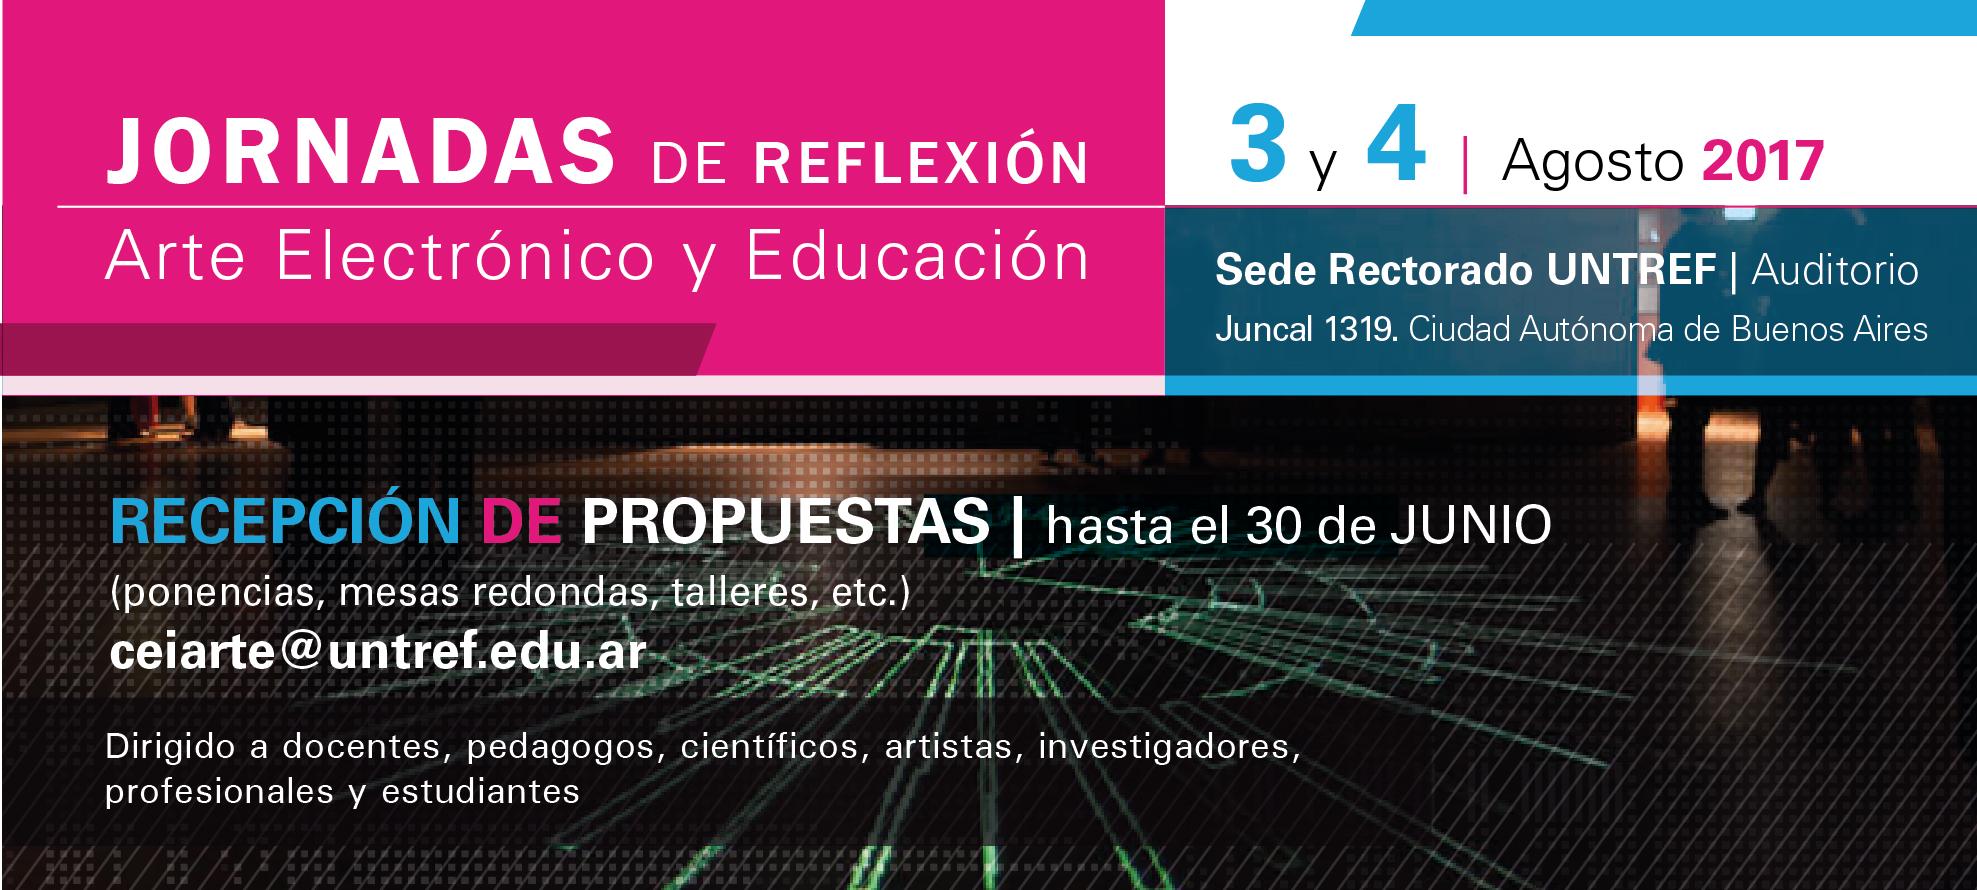 De reflexiones y caminos. Arte electrónico y educación en la UNTREF